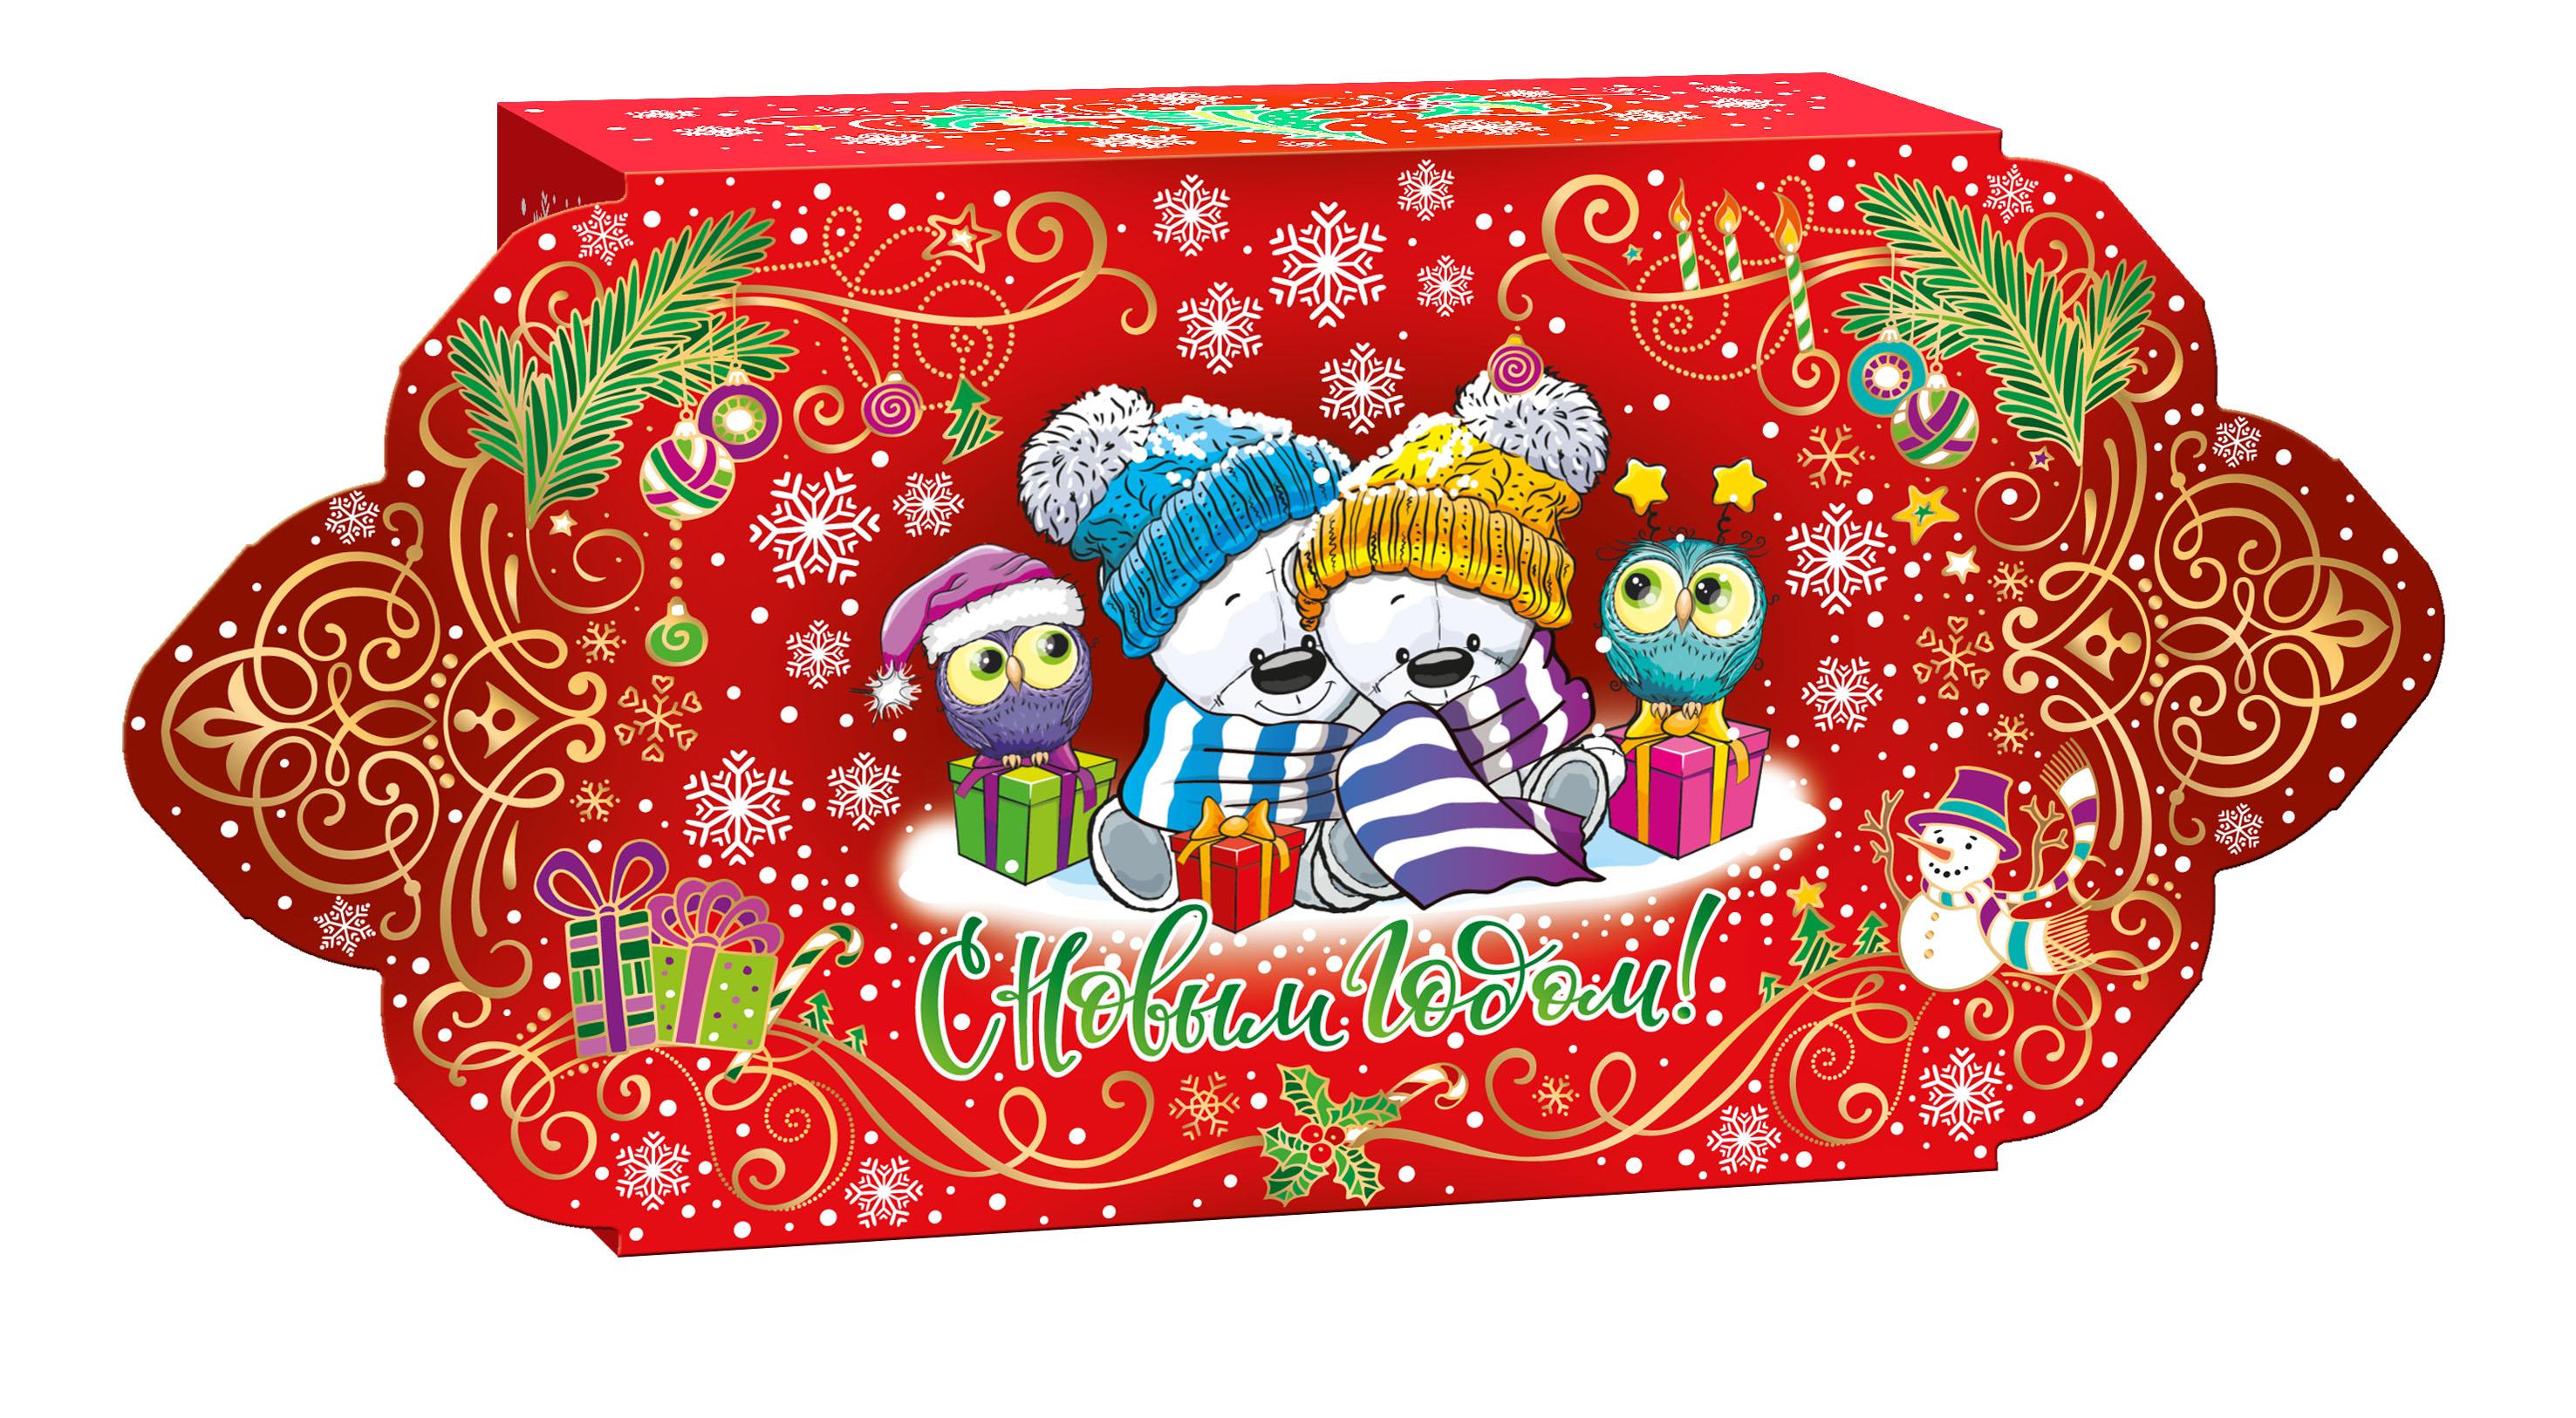 картинка подарочные конфеты новогодние когда даче